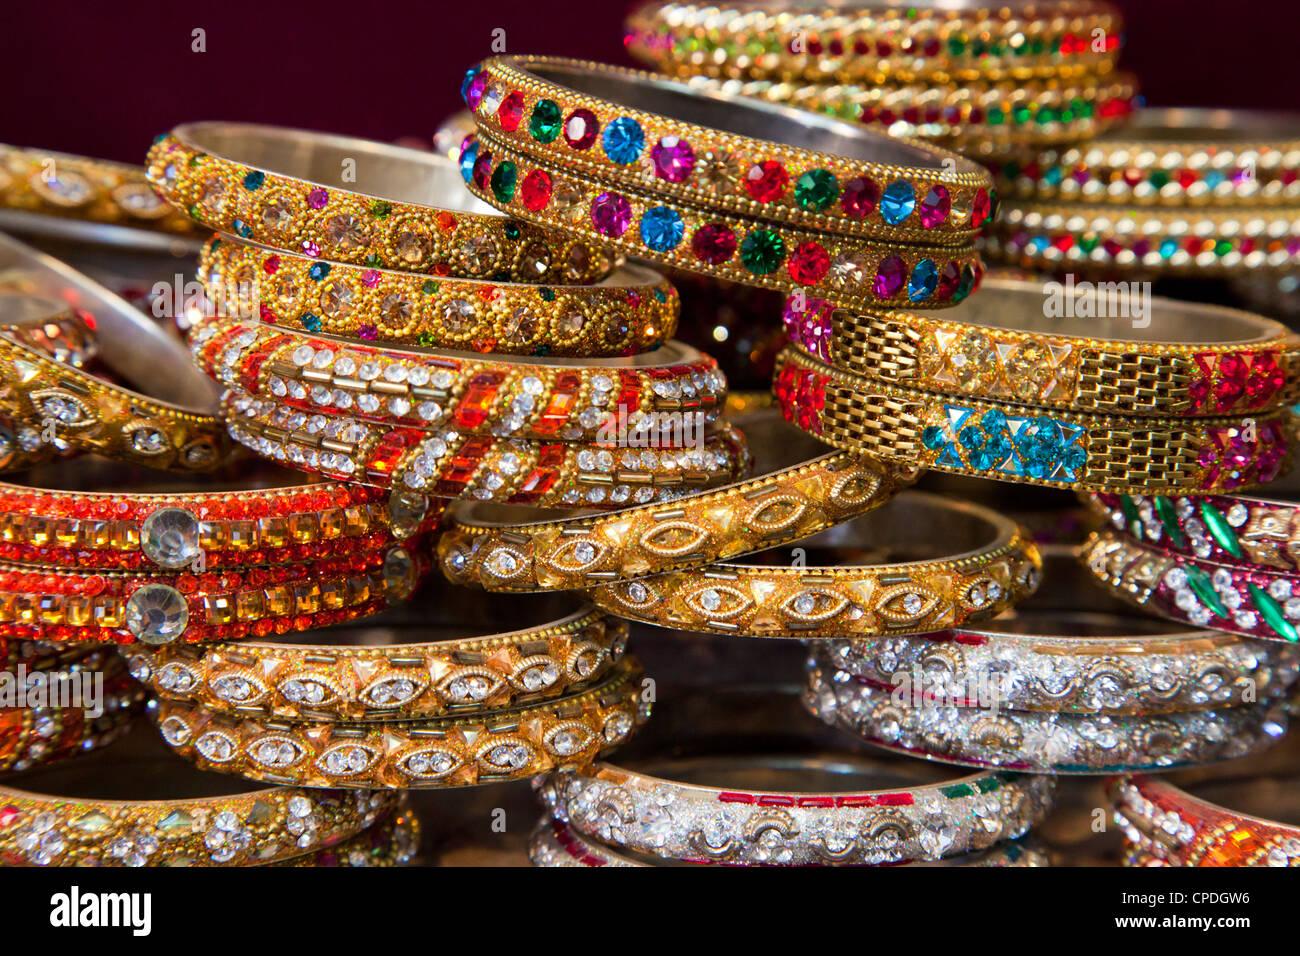 Bunte Armreife für Verkauf in einem Geschäft in Jaipur, Rajasthan, Indien, Asien Stockbild